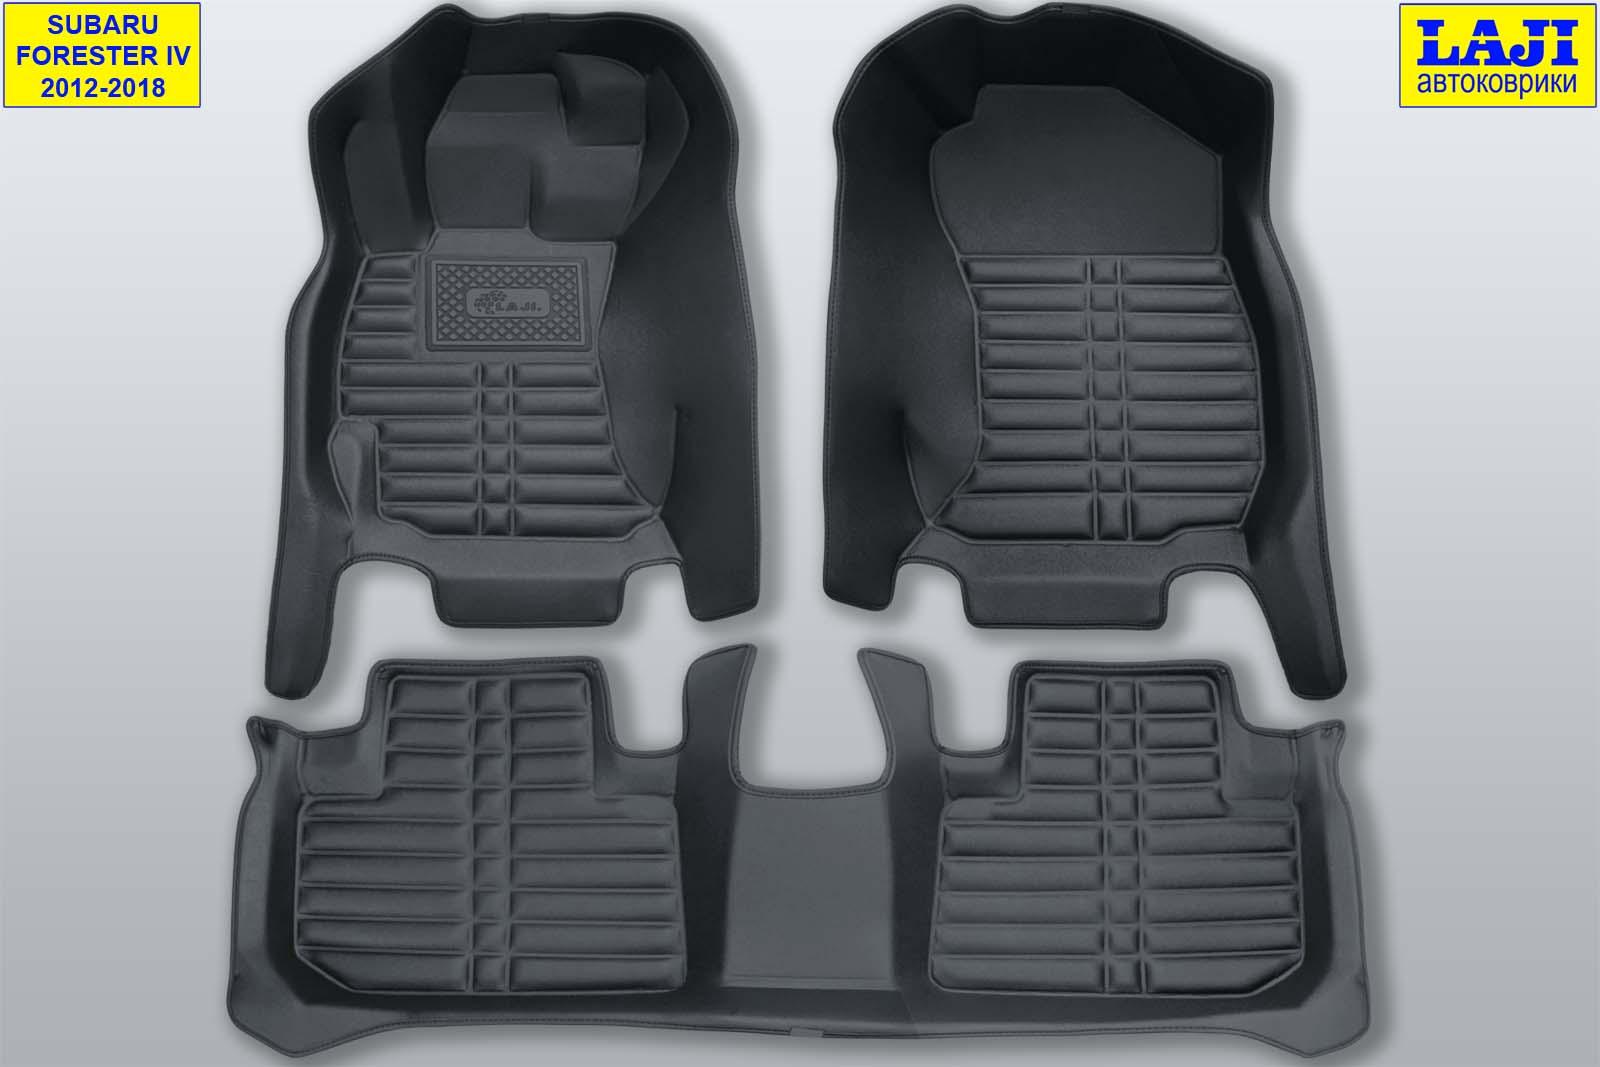 5D коврики в салон Subaru Forester IV 2012-2018 1